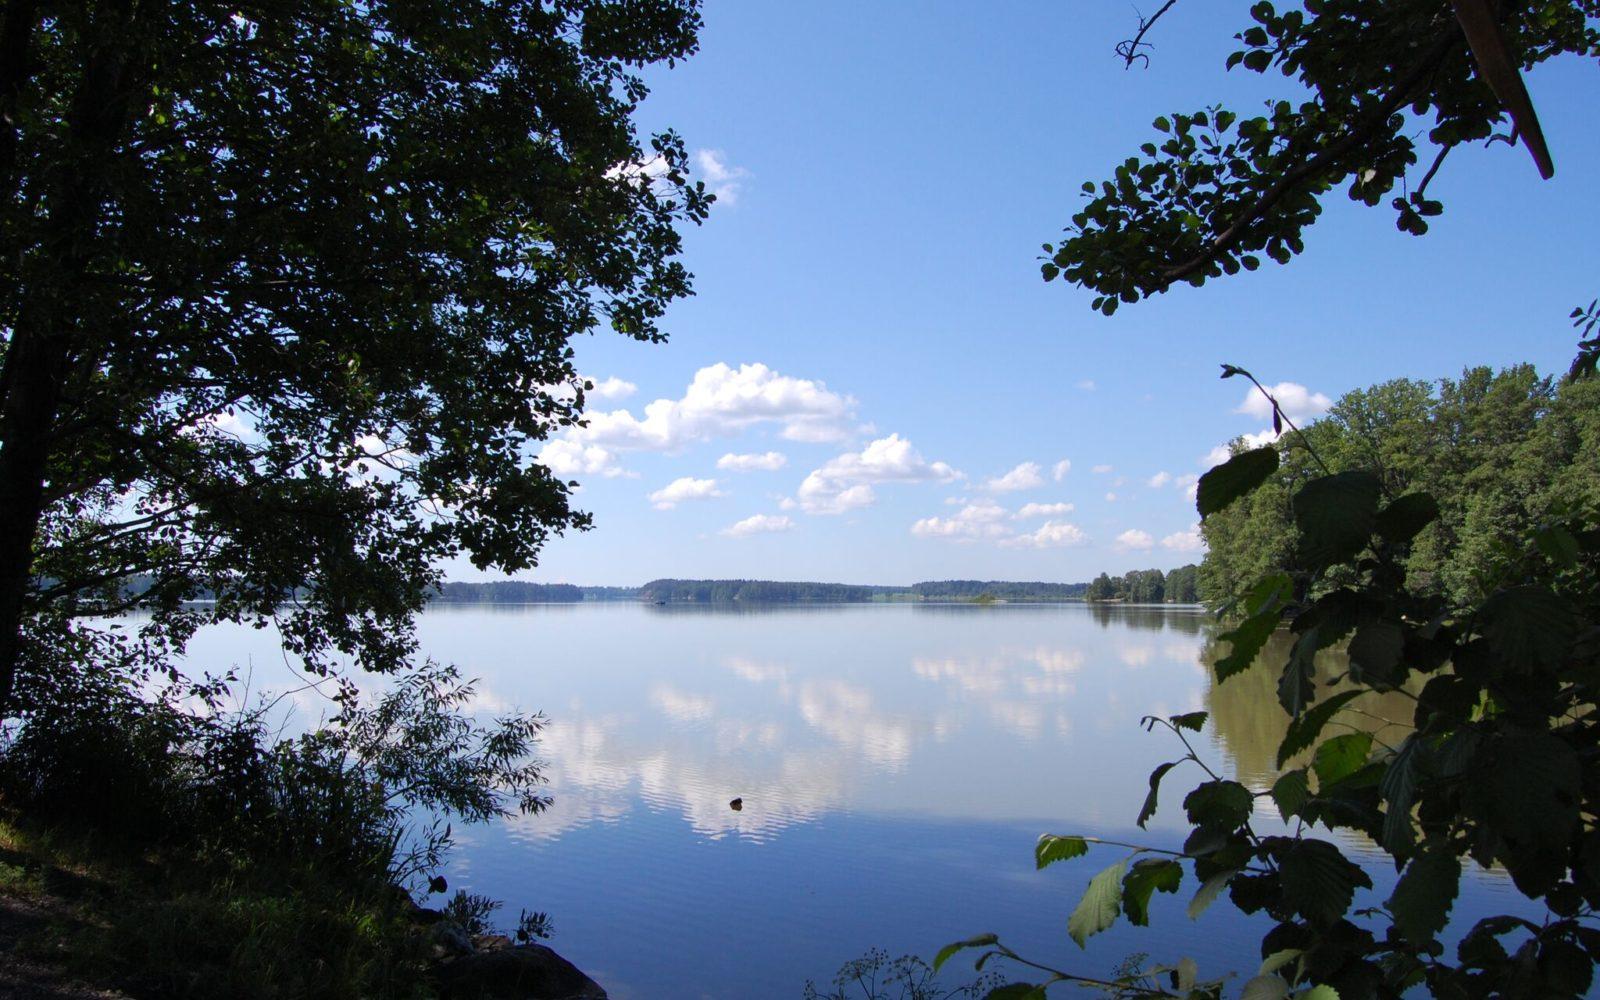 Lake Tuusula scenery Järvenpää Visit Tuusulanjärvi